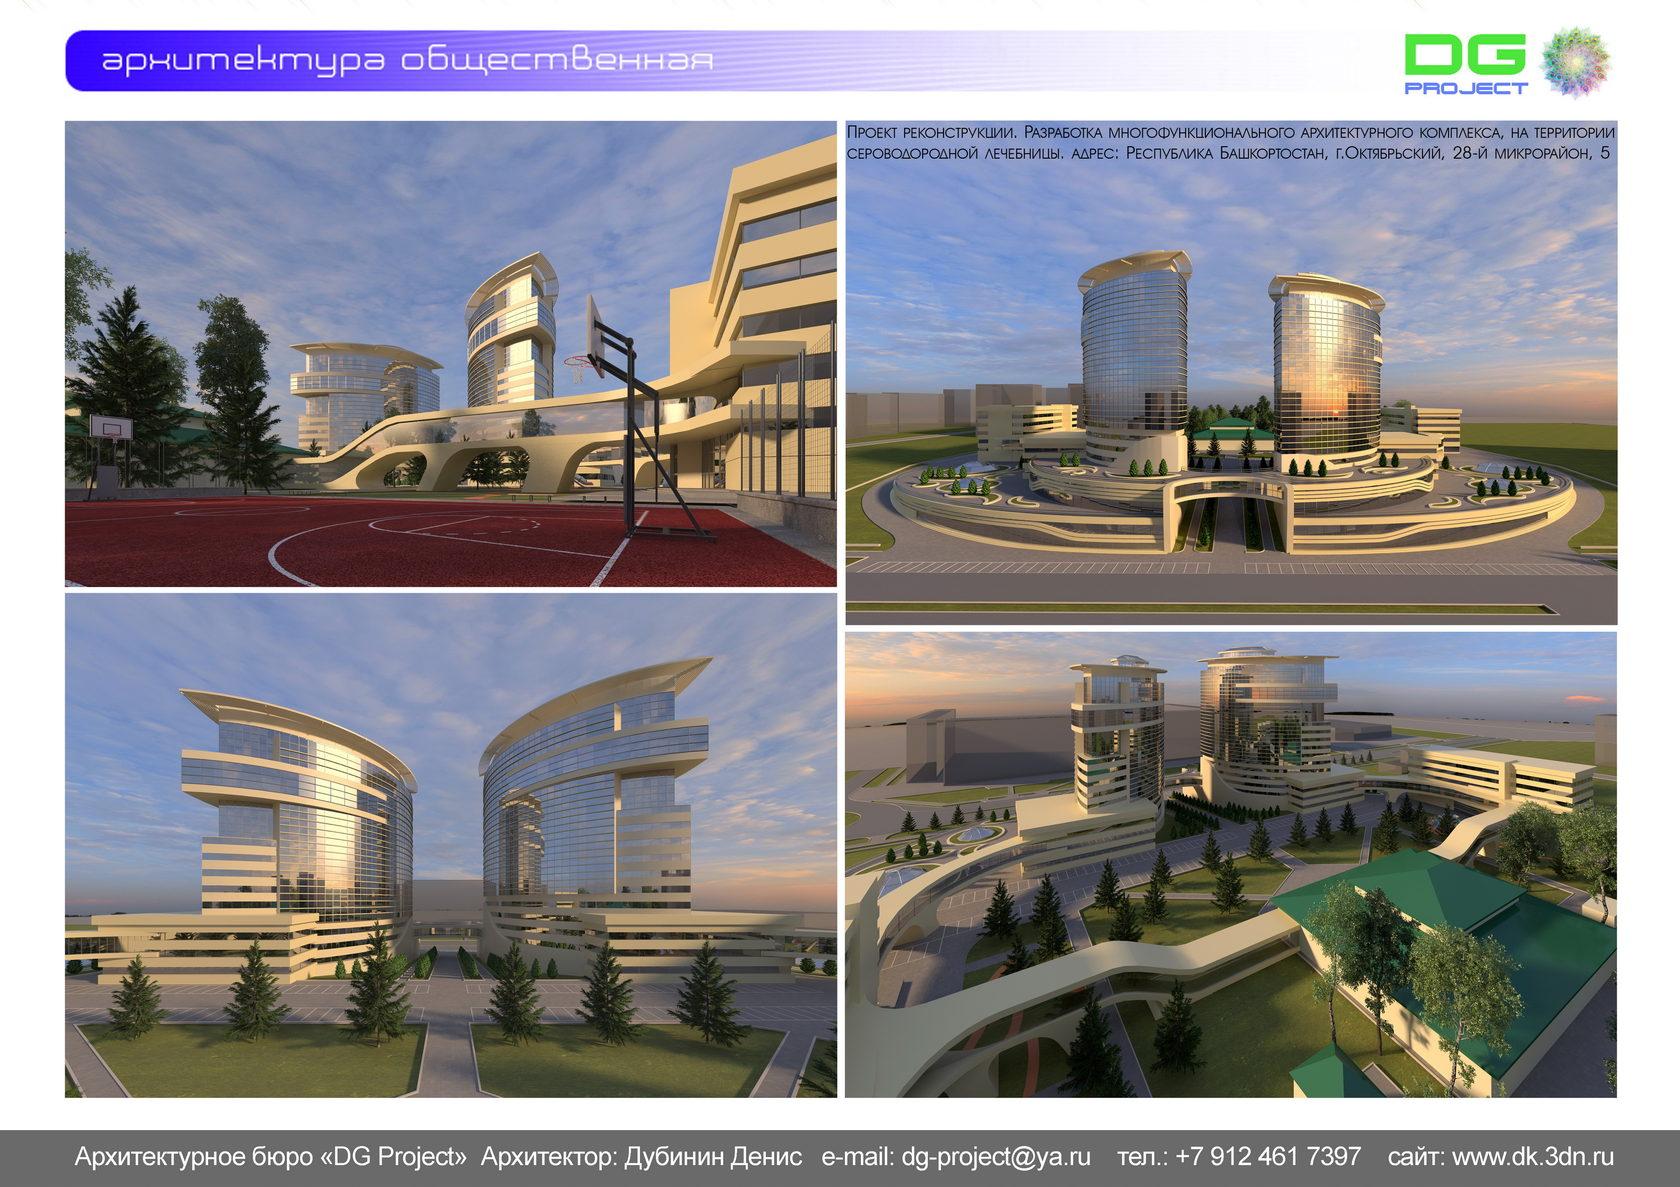 Проектирование и дизайн зданий в оаэ купить квартиру за рубеж фильм